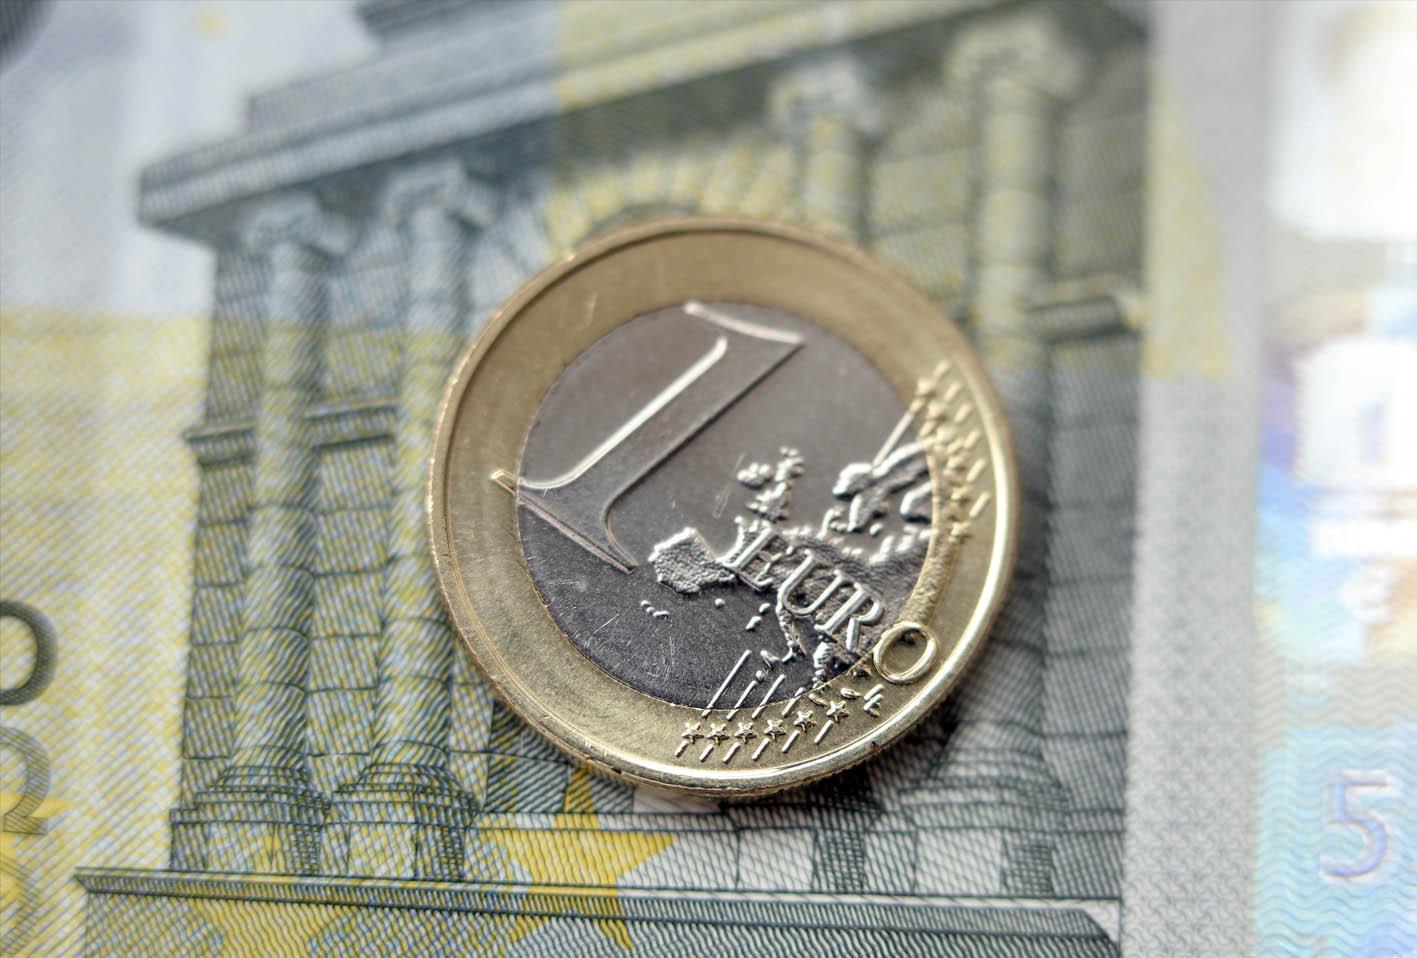 forex valiutos keitiklis euras opcionų prekybos remontas